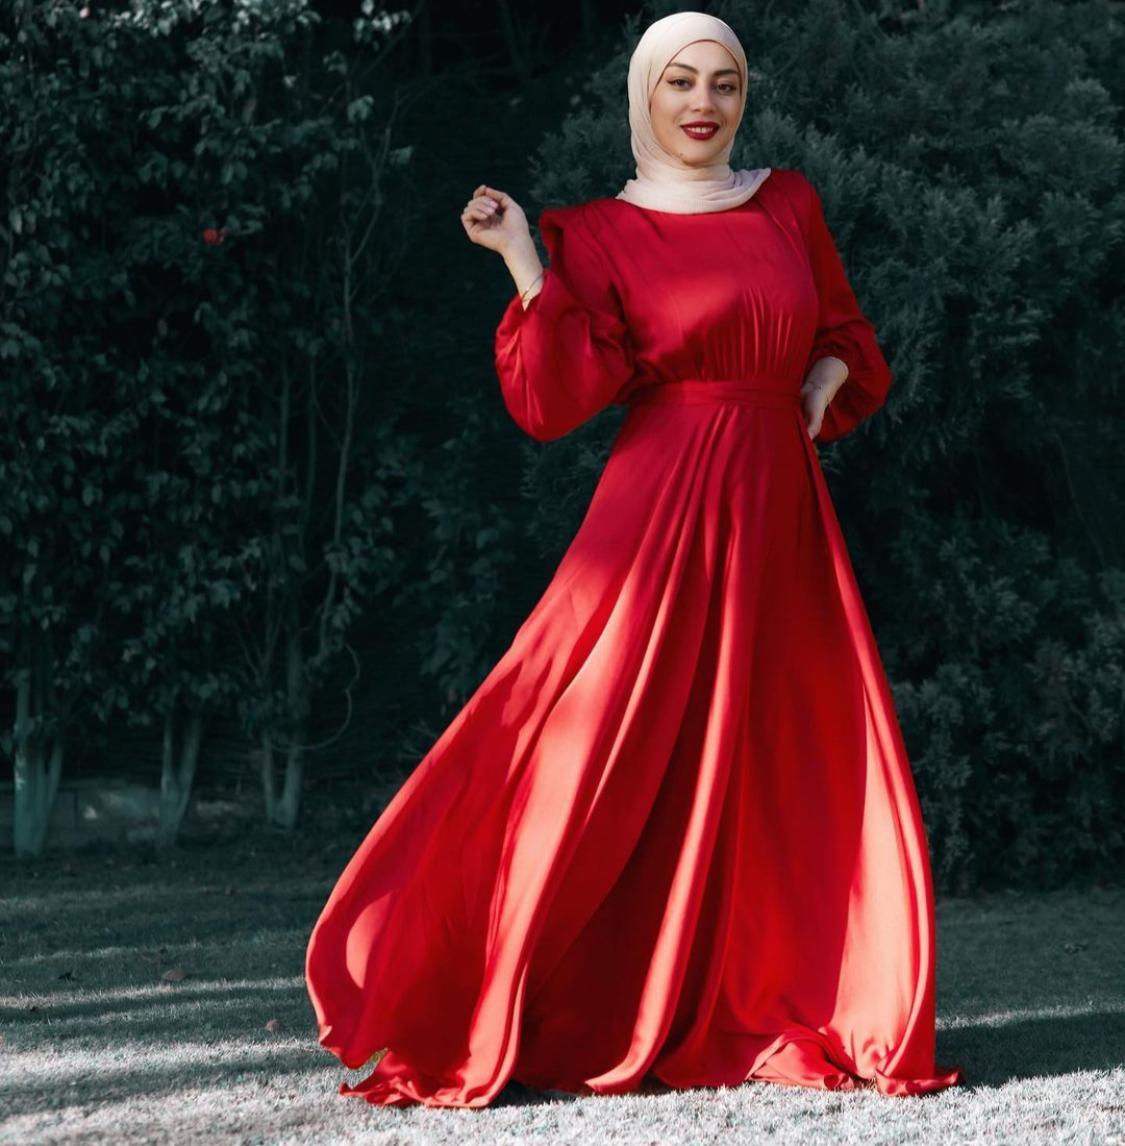 ايمان احمد بفستان احمر بخصر ضيق